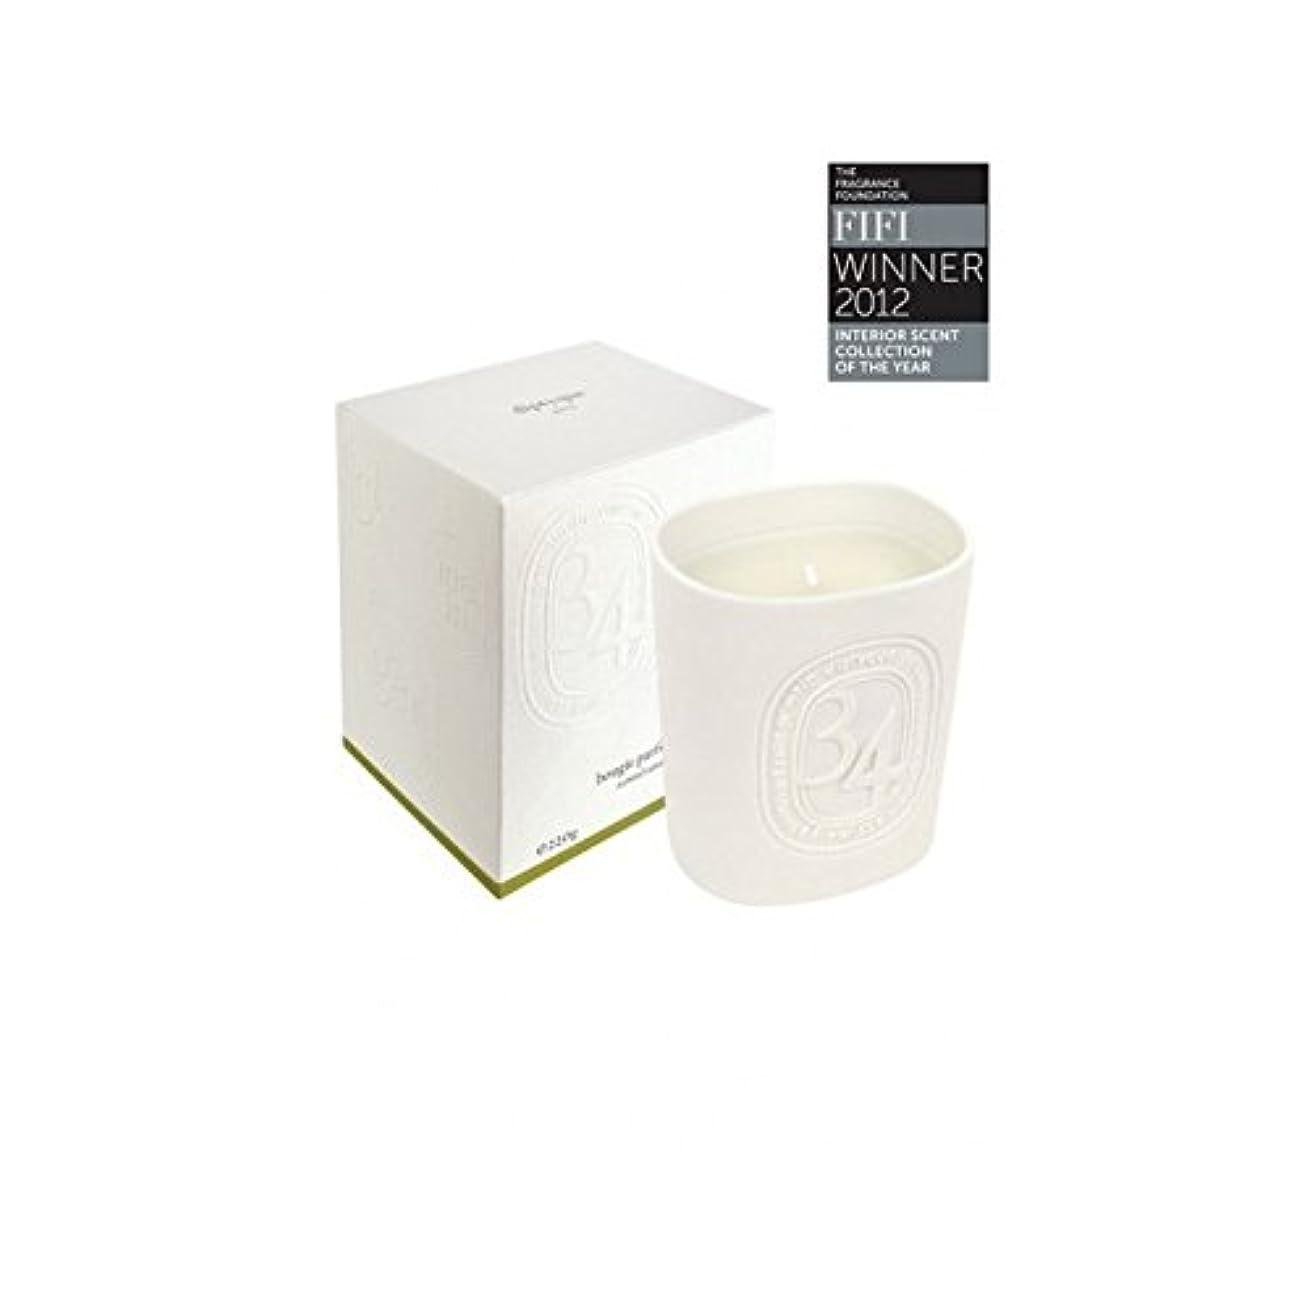 職人決済補助Diptyque Collection 34 Boulevard Saint Germain Candle 220g (Pack of 2) - Diptyqueコレクション34大通りサンジェルマンキャンドル220グラム...